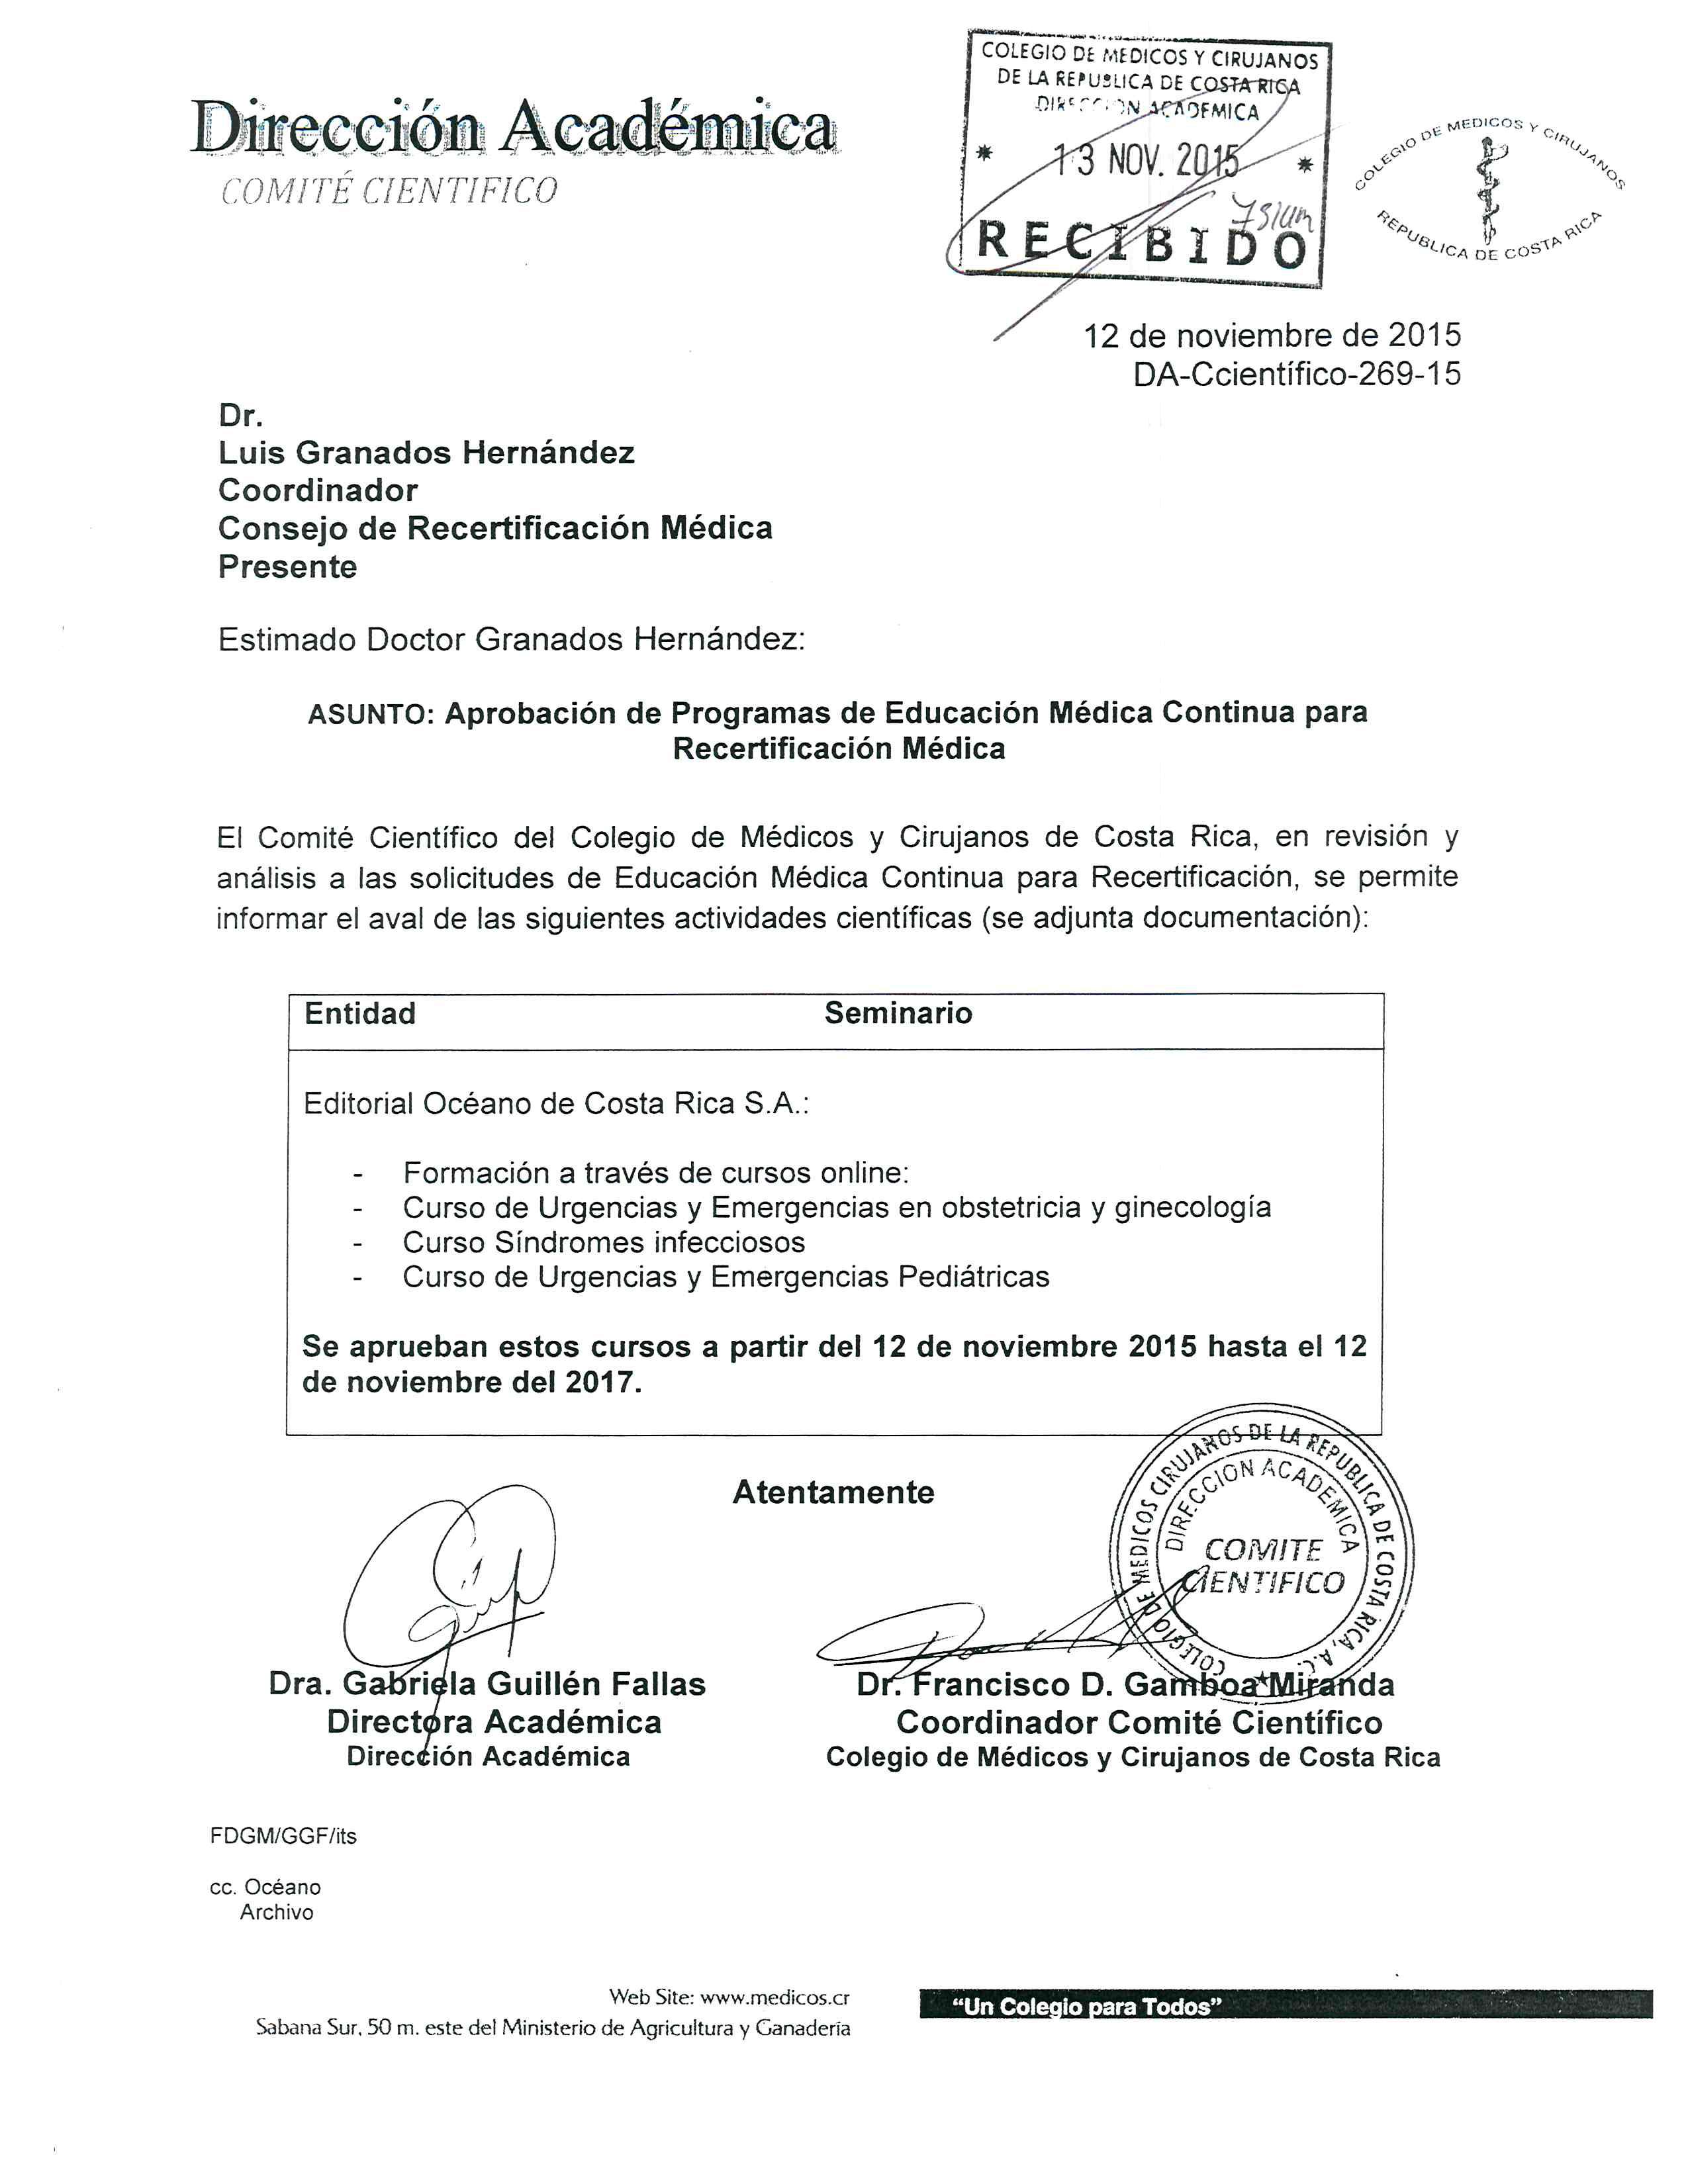 DA-Ccientifico-269-15, Recertificación Médica, Océano